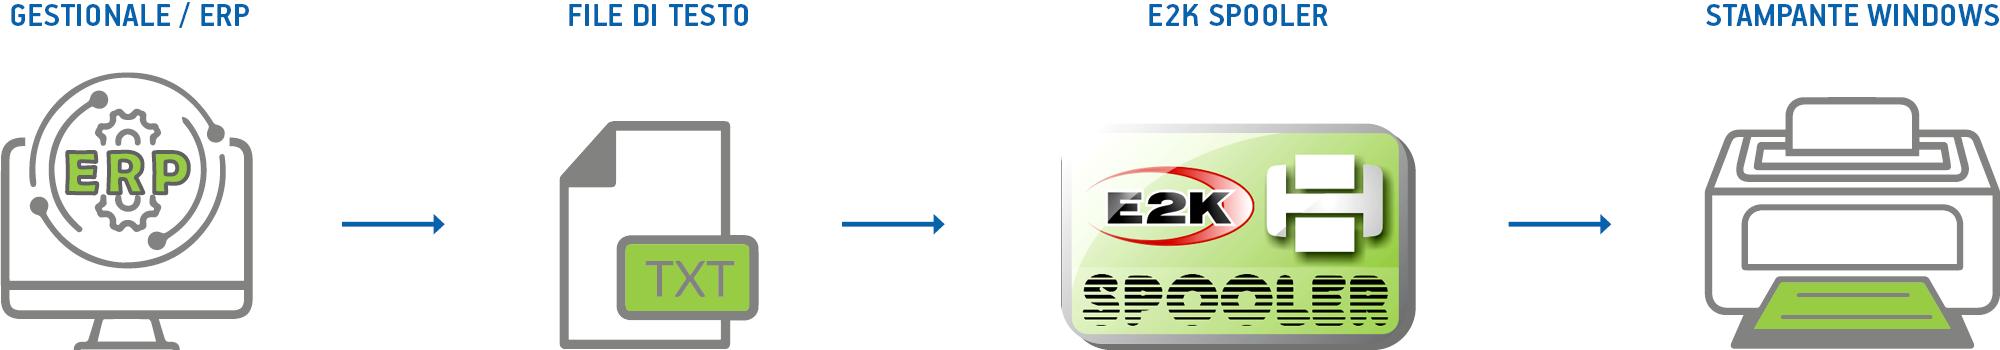 processo di stampa etichette automatizzato